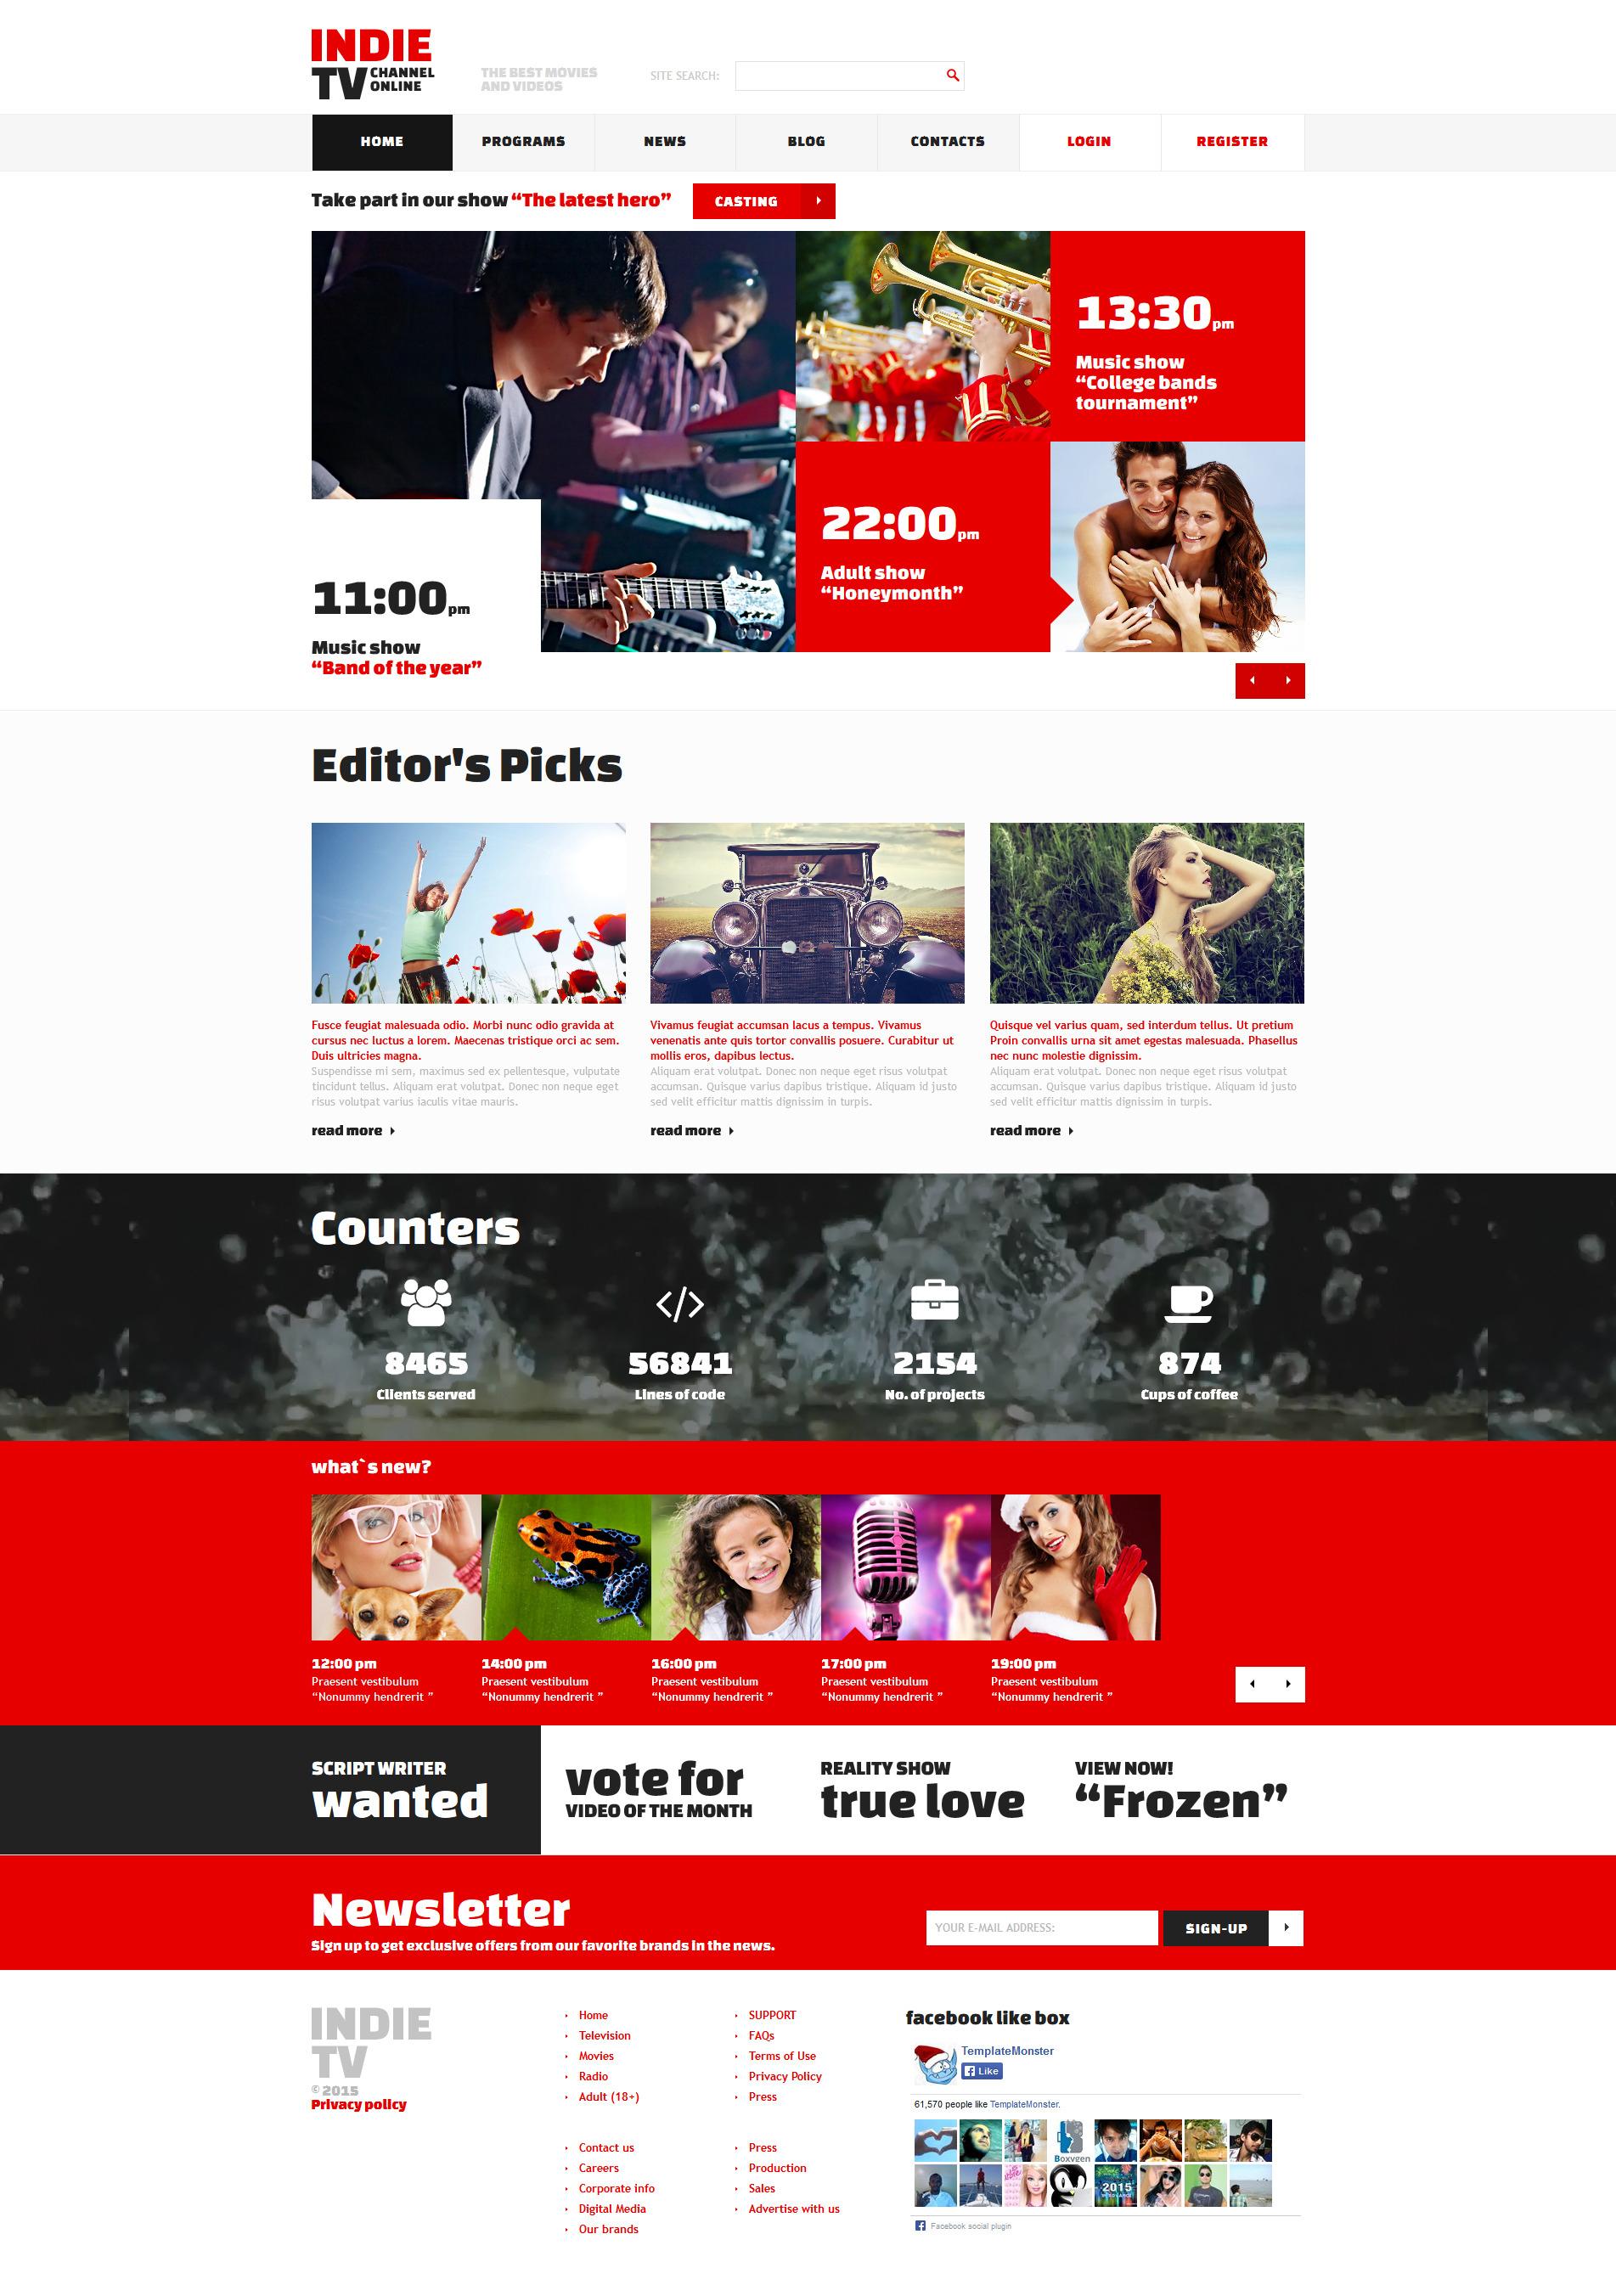 Plantilla Joomla Responsive para Sitio de Canales de televisión #52689 - captura de pantalla